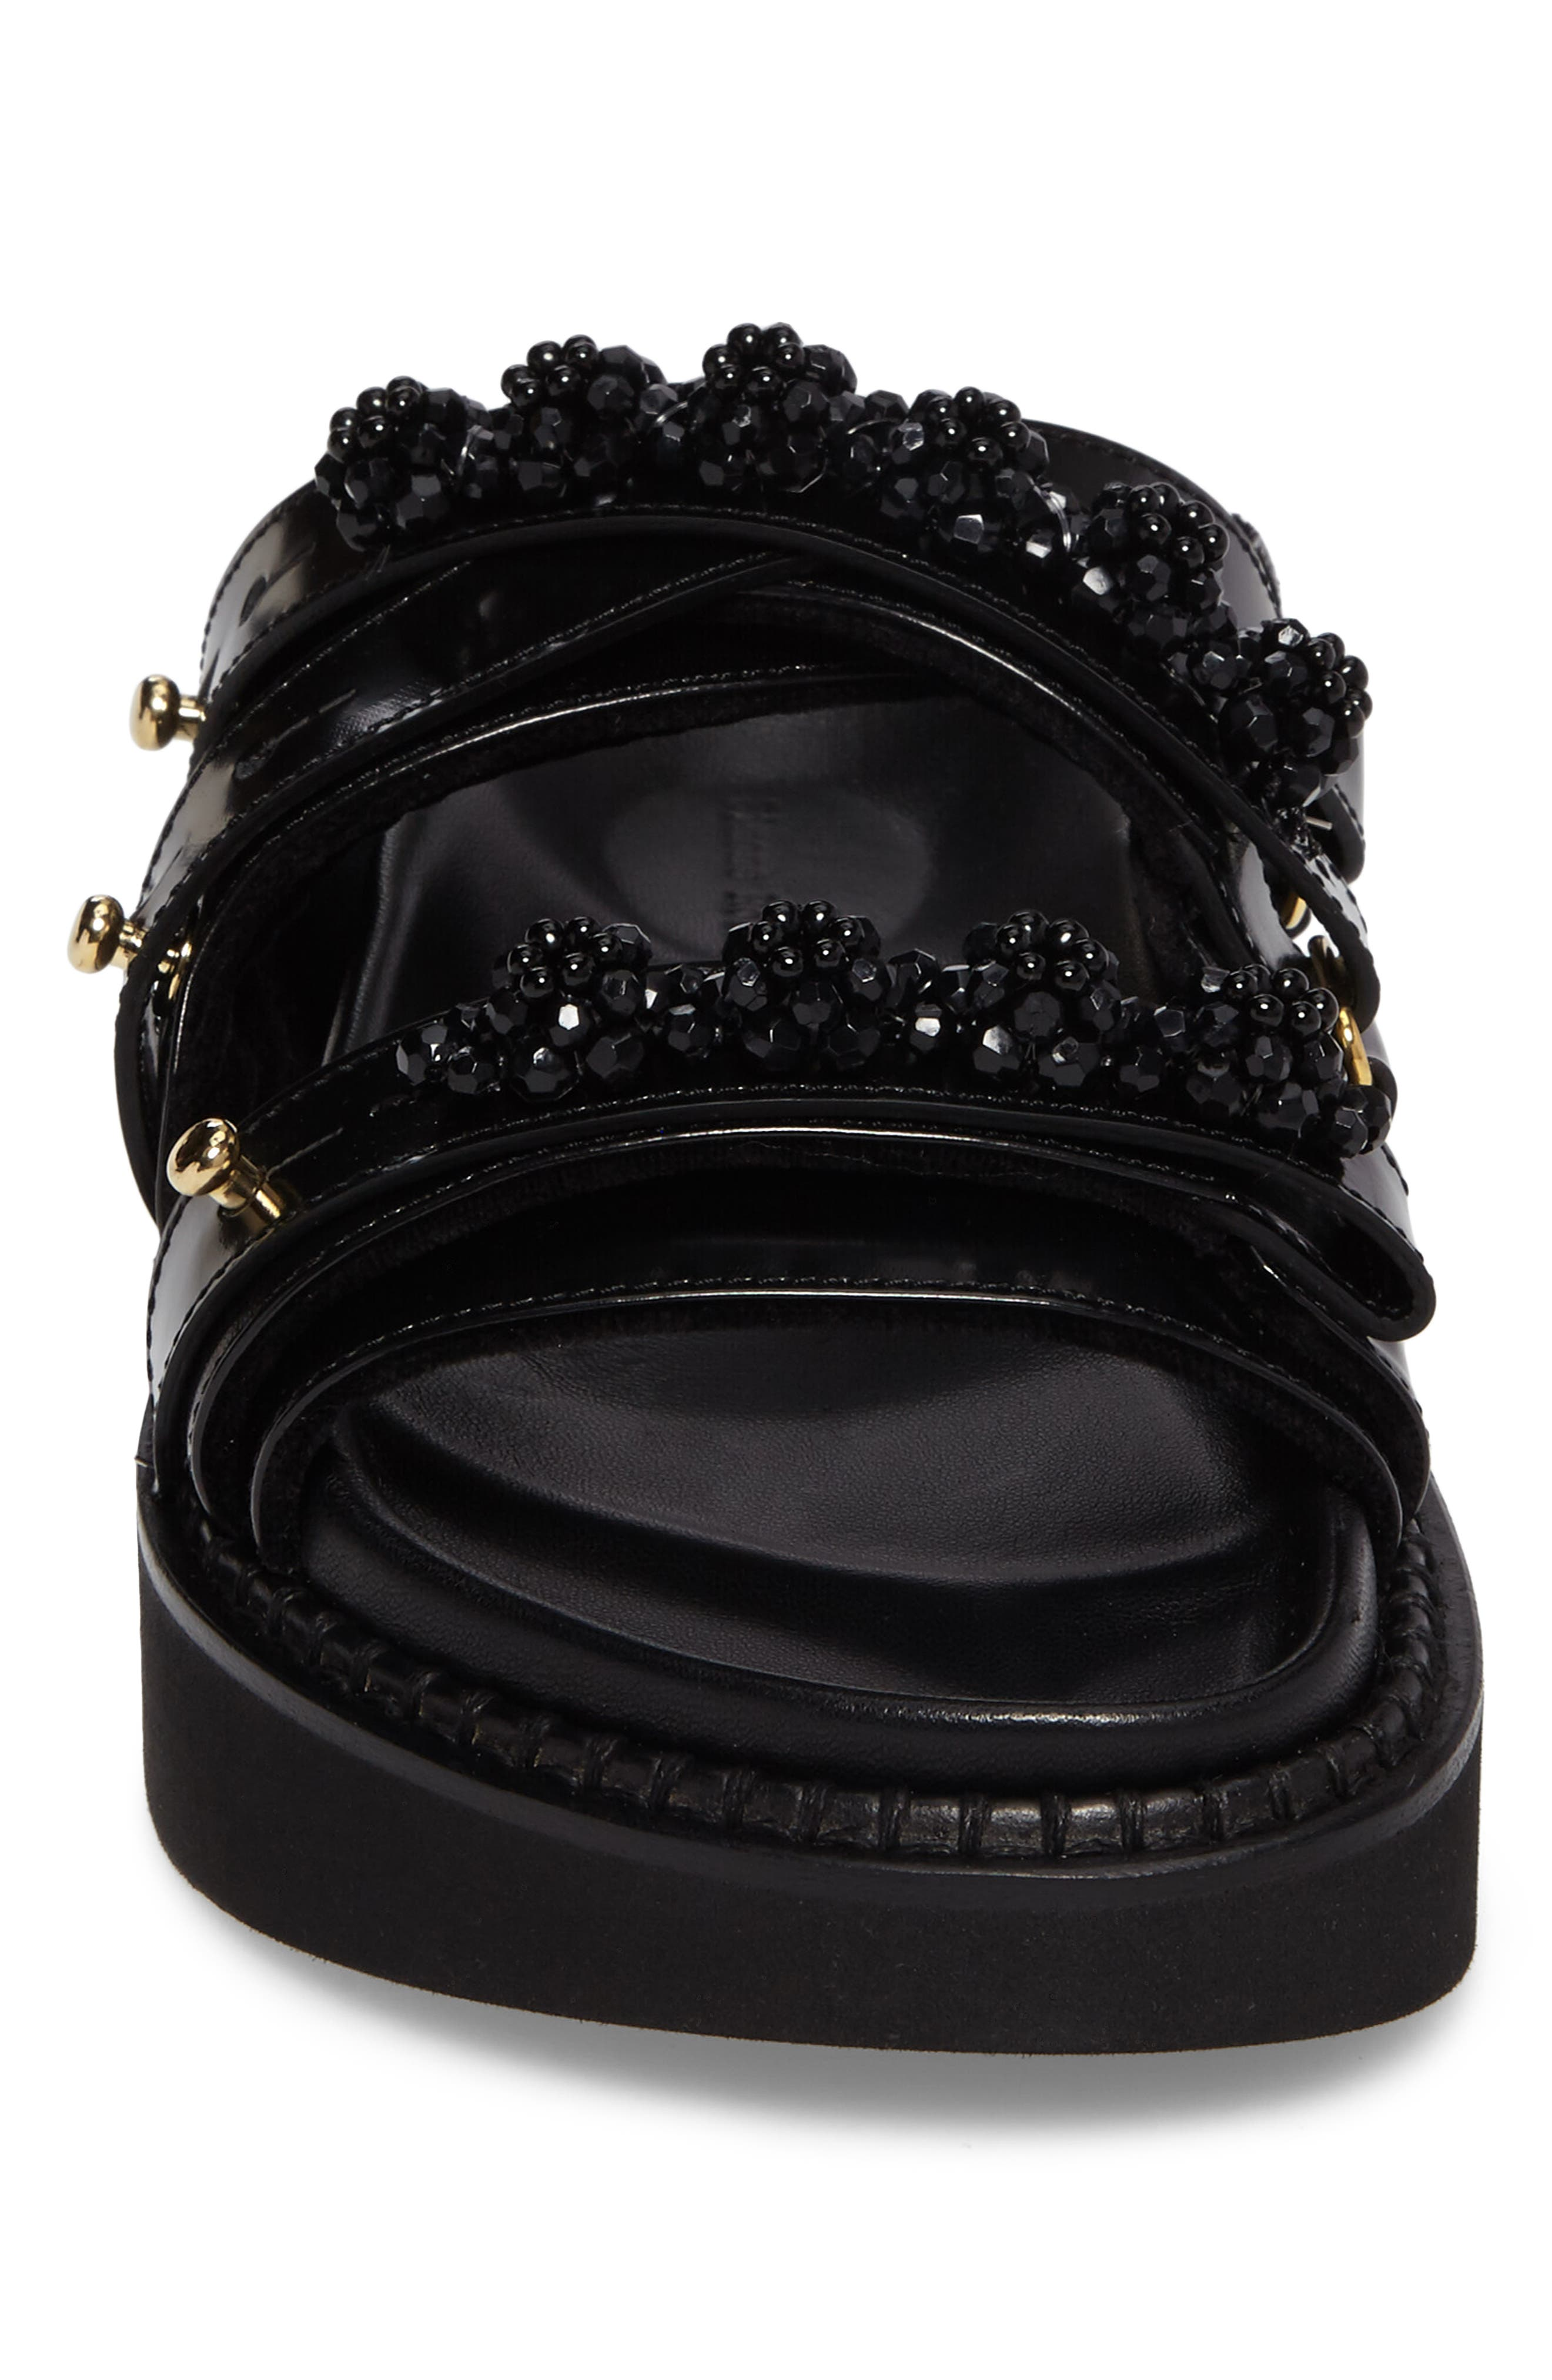 Beaded Leather Slide Sandal,                             Alternate thumbnail 4, color,                             001